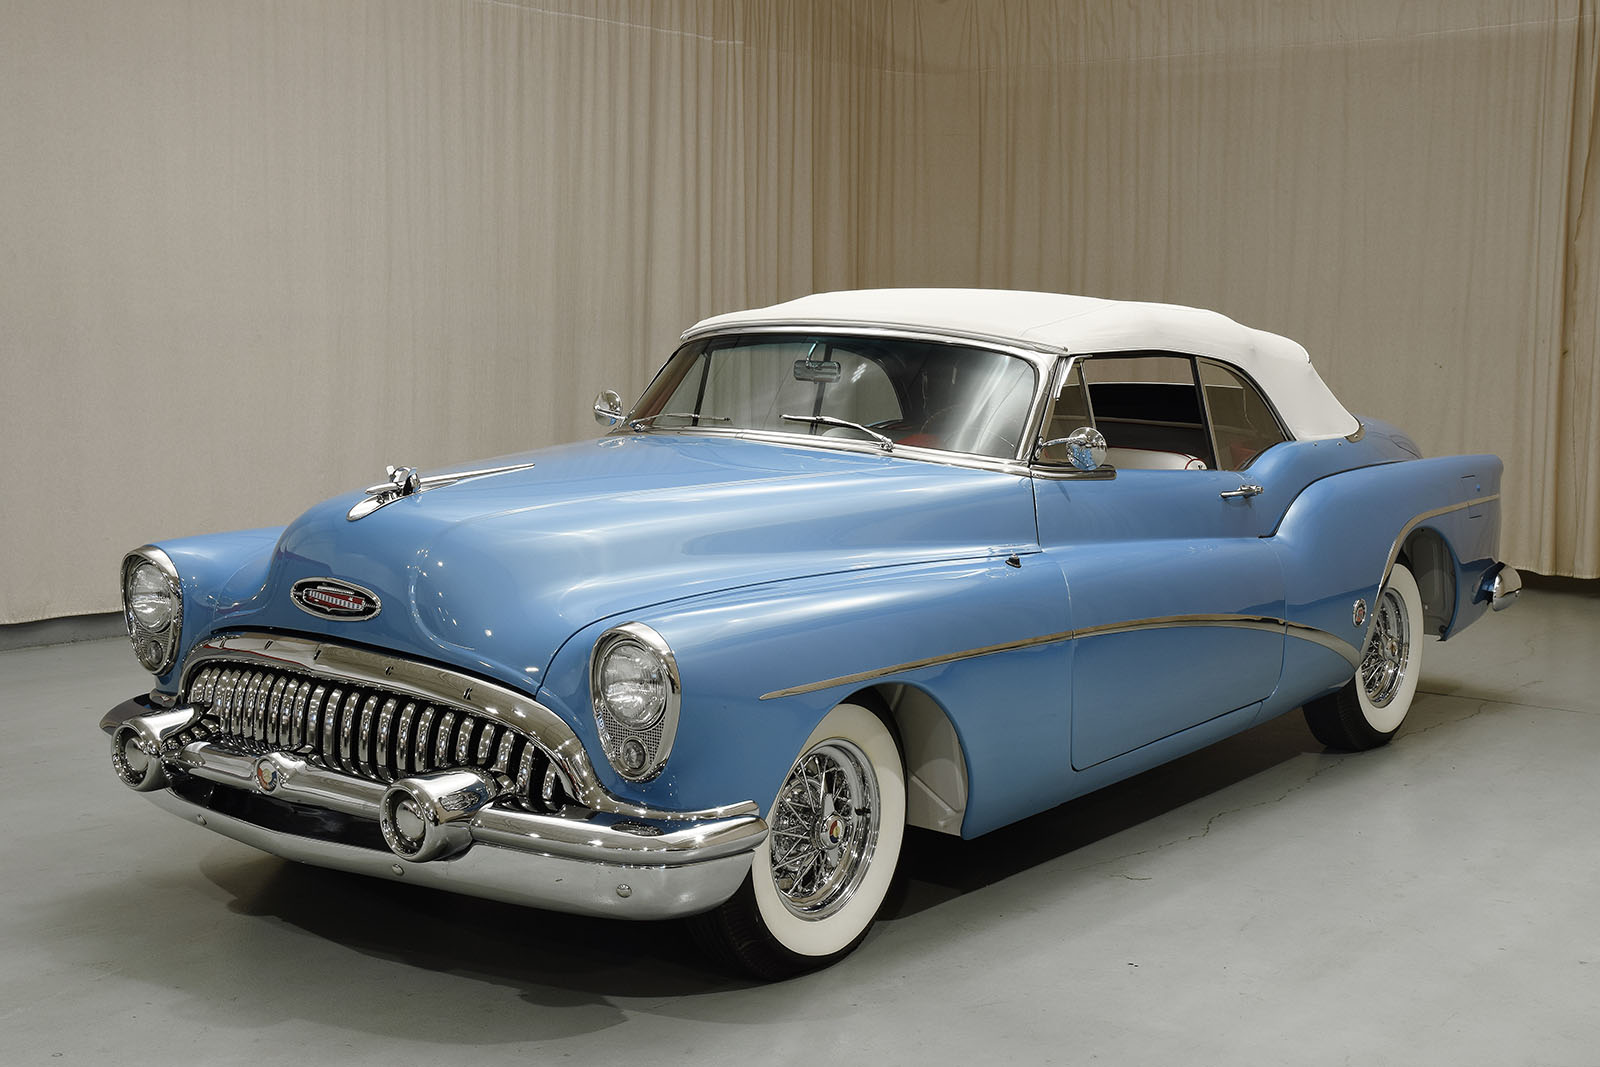 on 1953 Cadillac V8 Engine